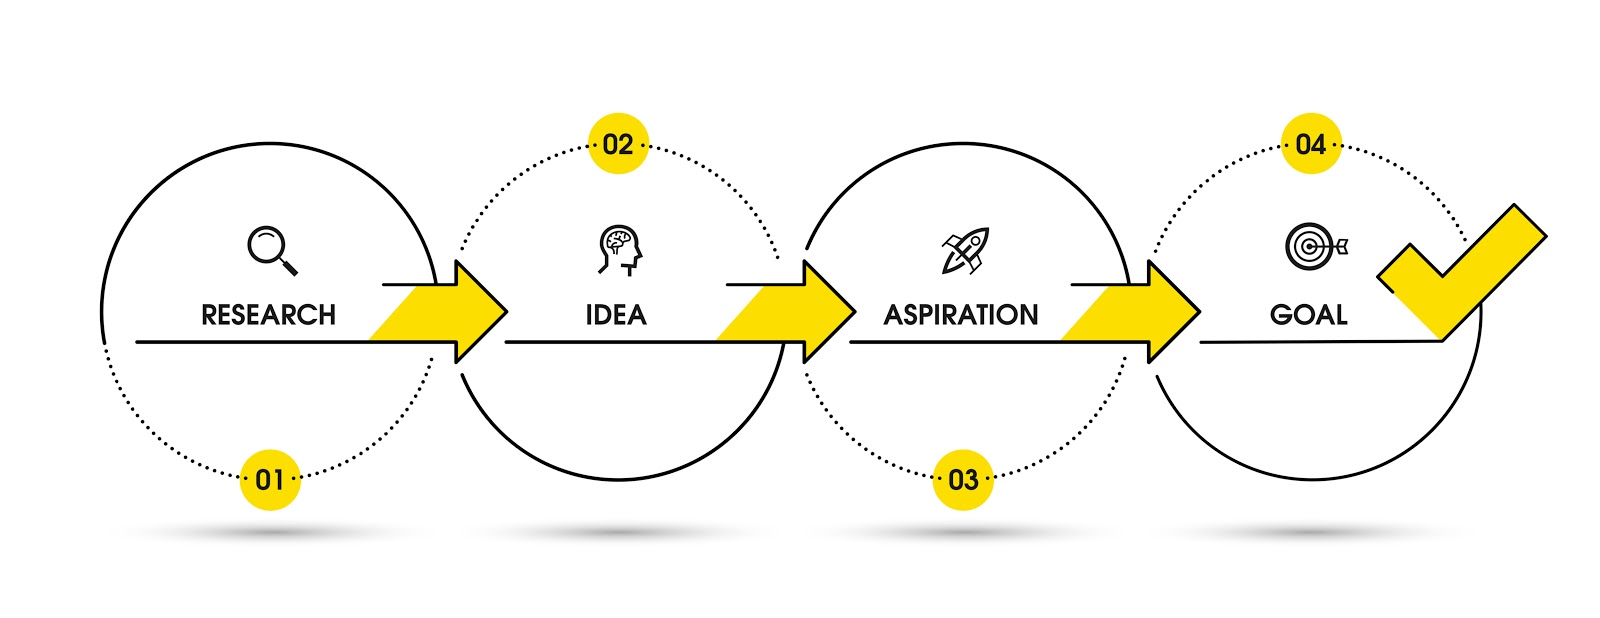 Process Flow Diagram Business Technique